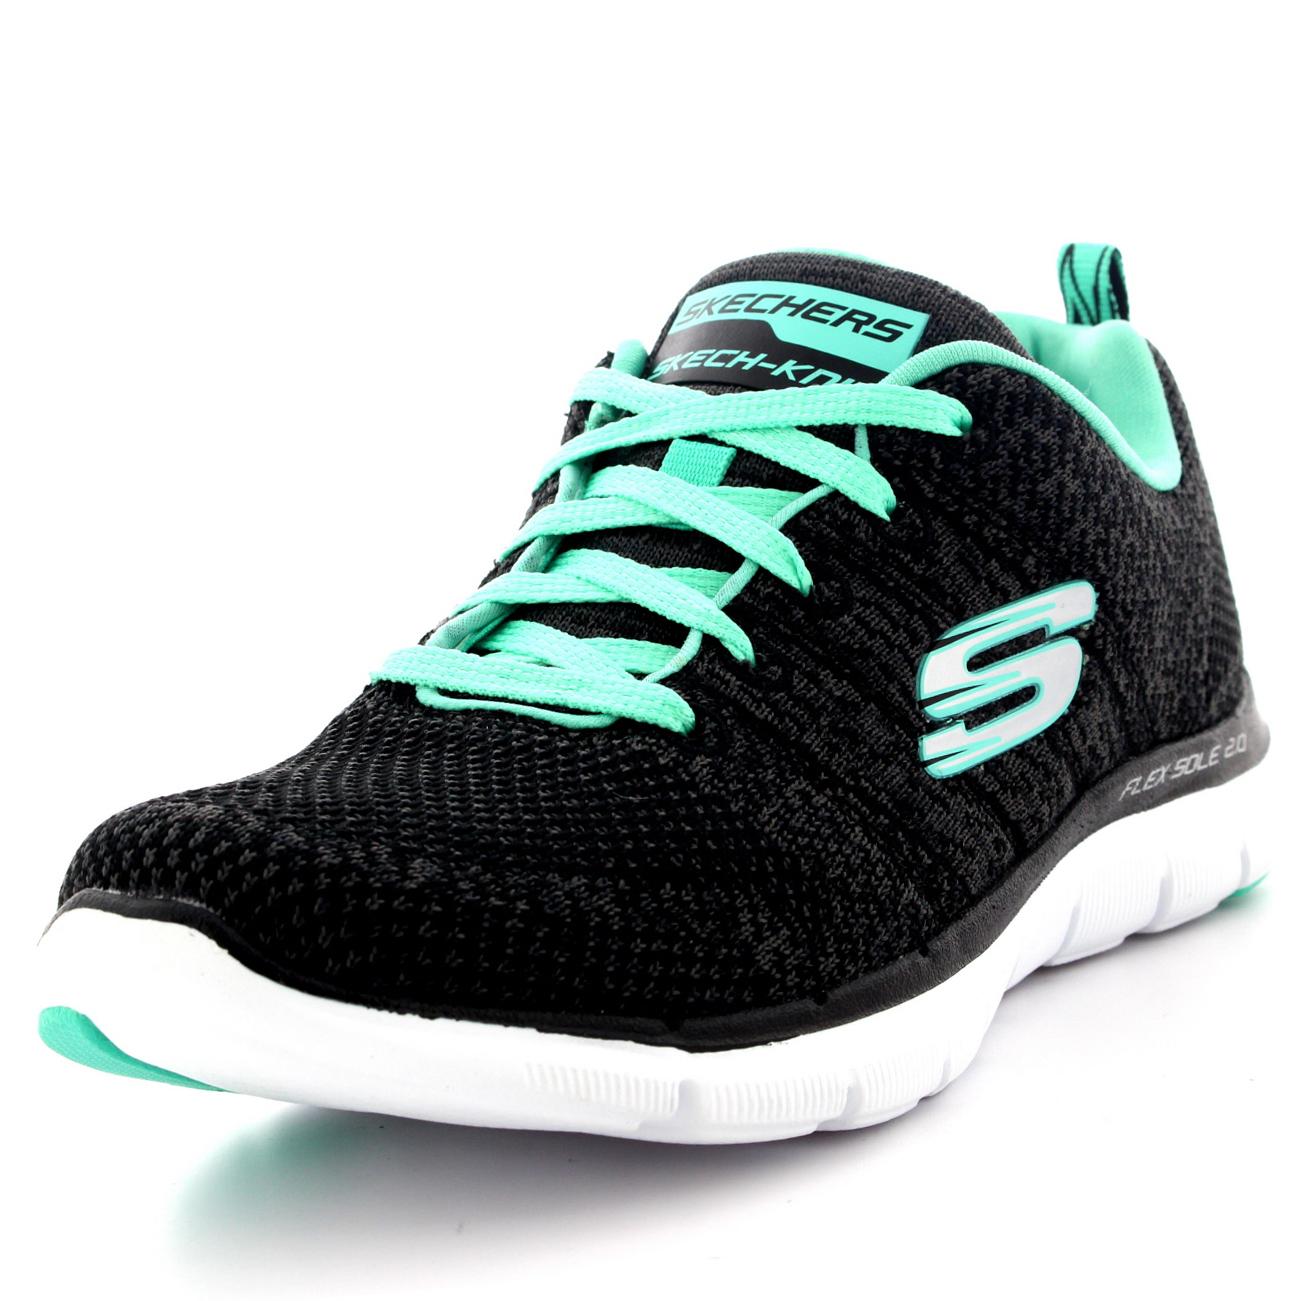 s sketchers baskets flex appel 2.0 haute énergie nous marcher de baskets sketchers en gym 6 - 11 b545f1